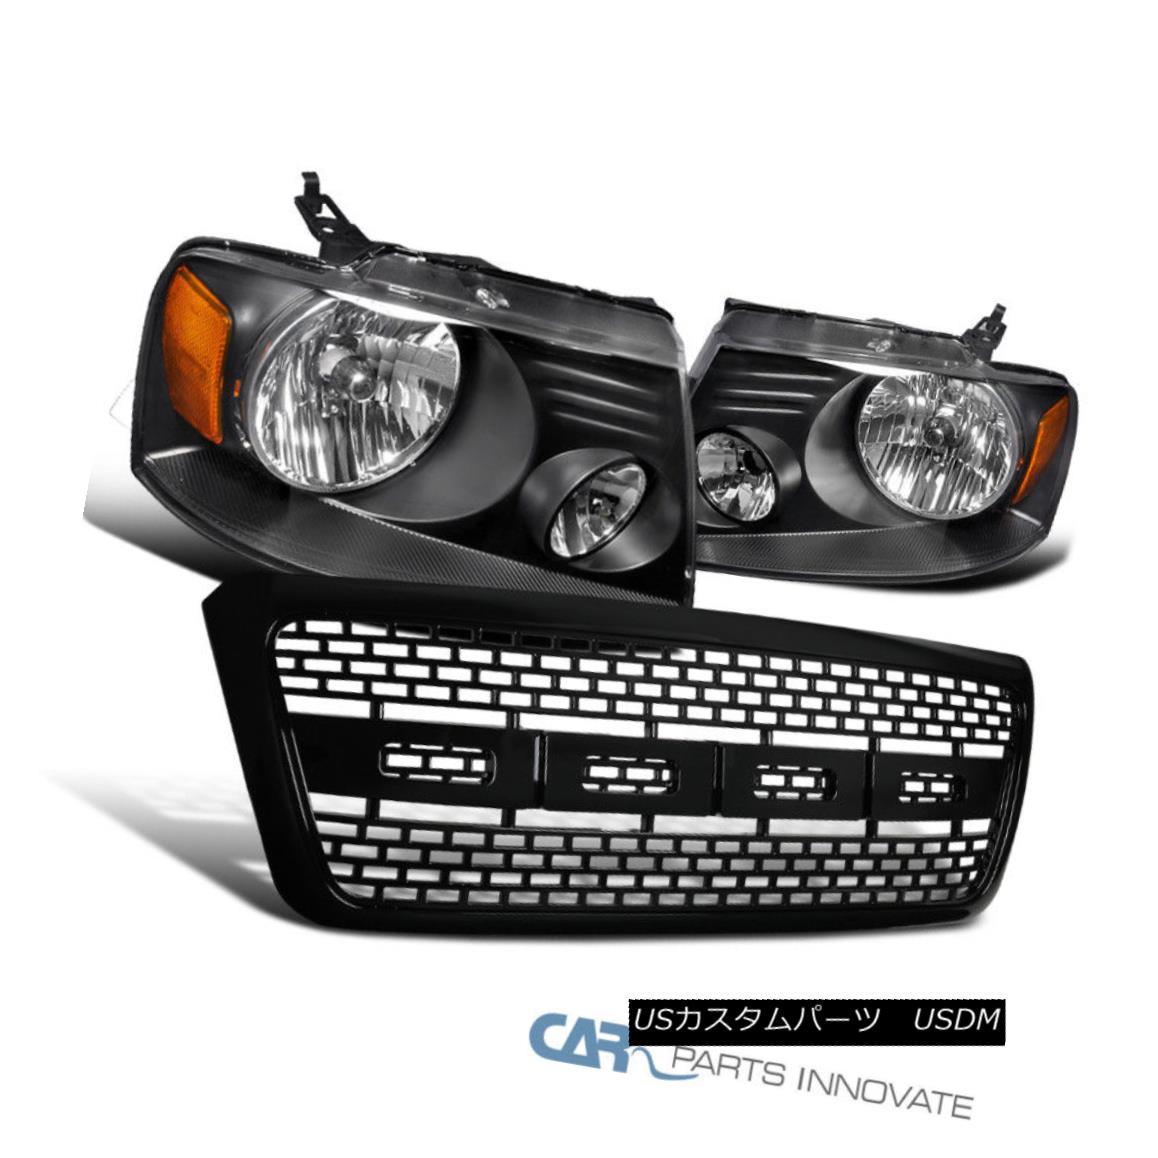 グリル 04-08 Ford F150 Pickup Black Headlights Head Lamps+ABS Raptor Style Hood Grille 04-08 Ford F150ピックアップブラックヘッドライトヘッドランプ+ ABSラプタースタイルフードグリル